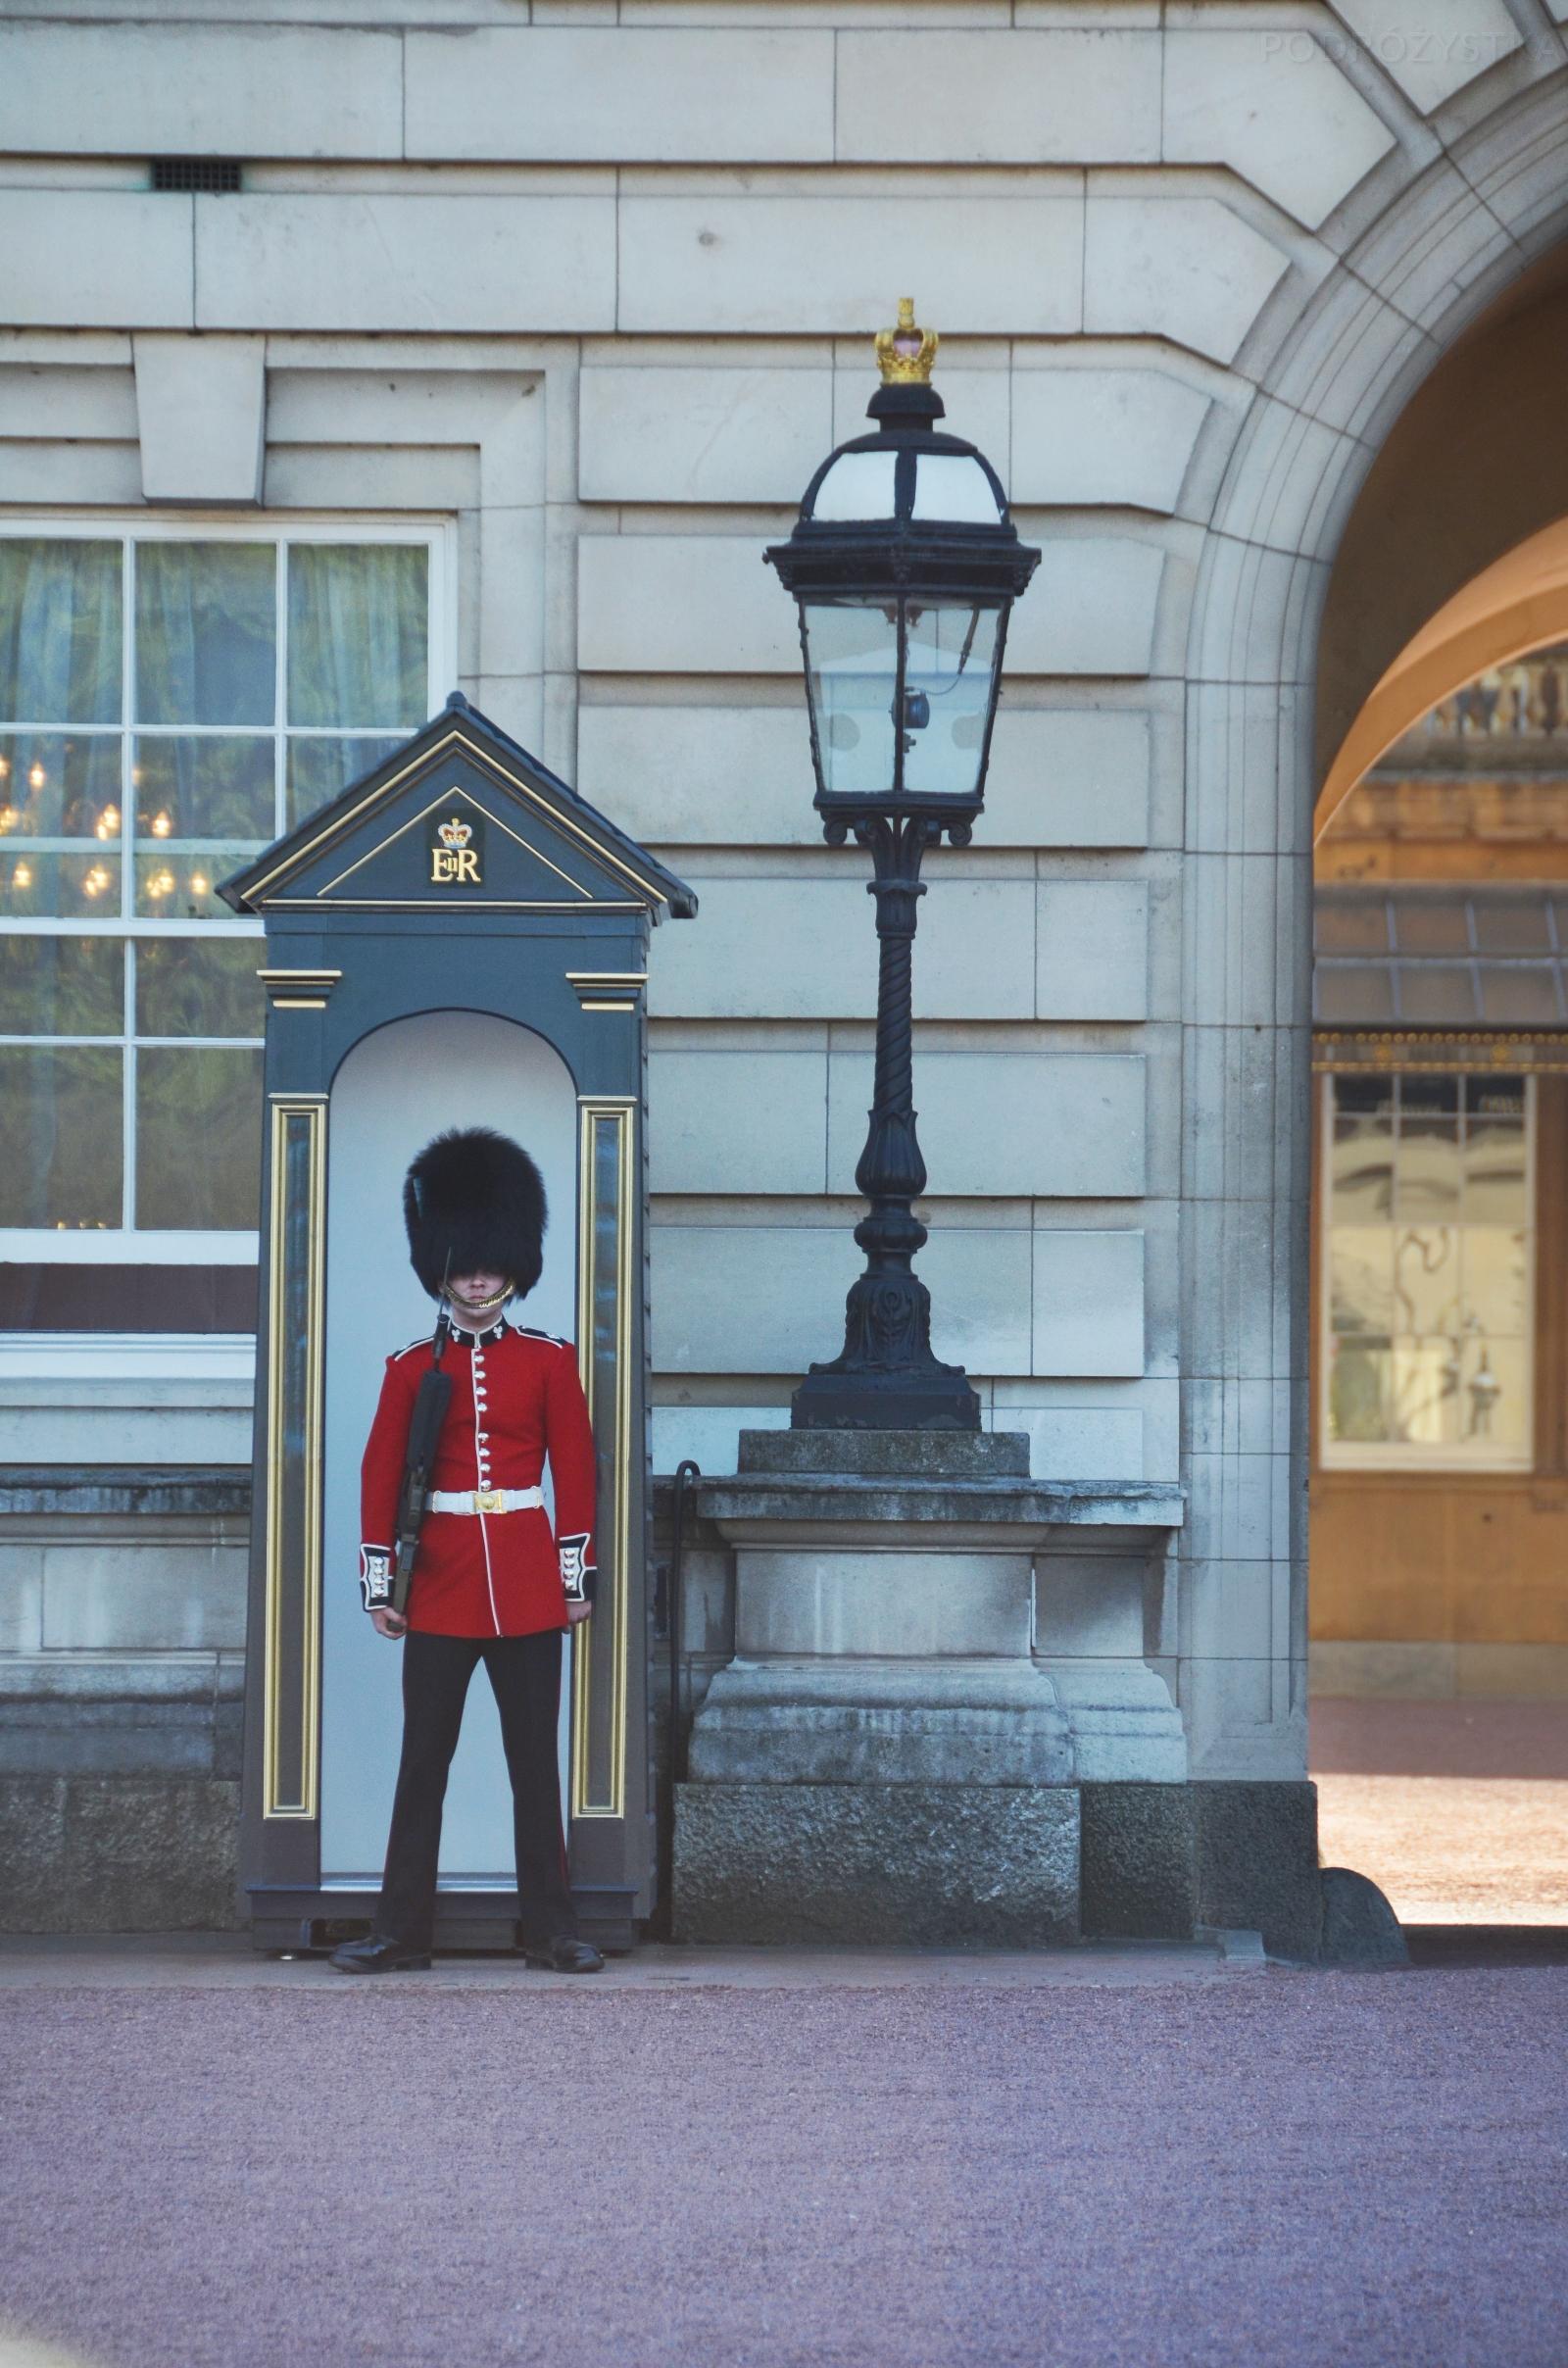 UK_III_06_50_size_watermark